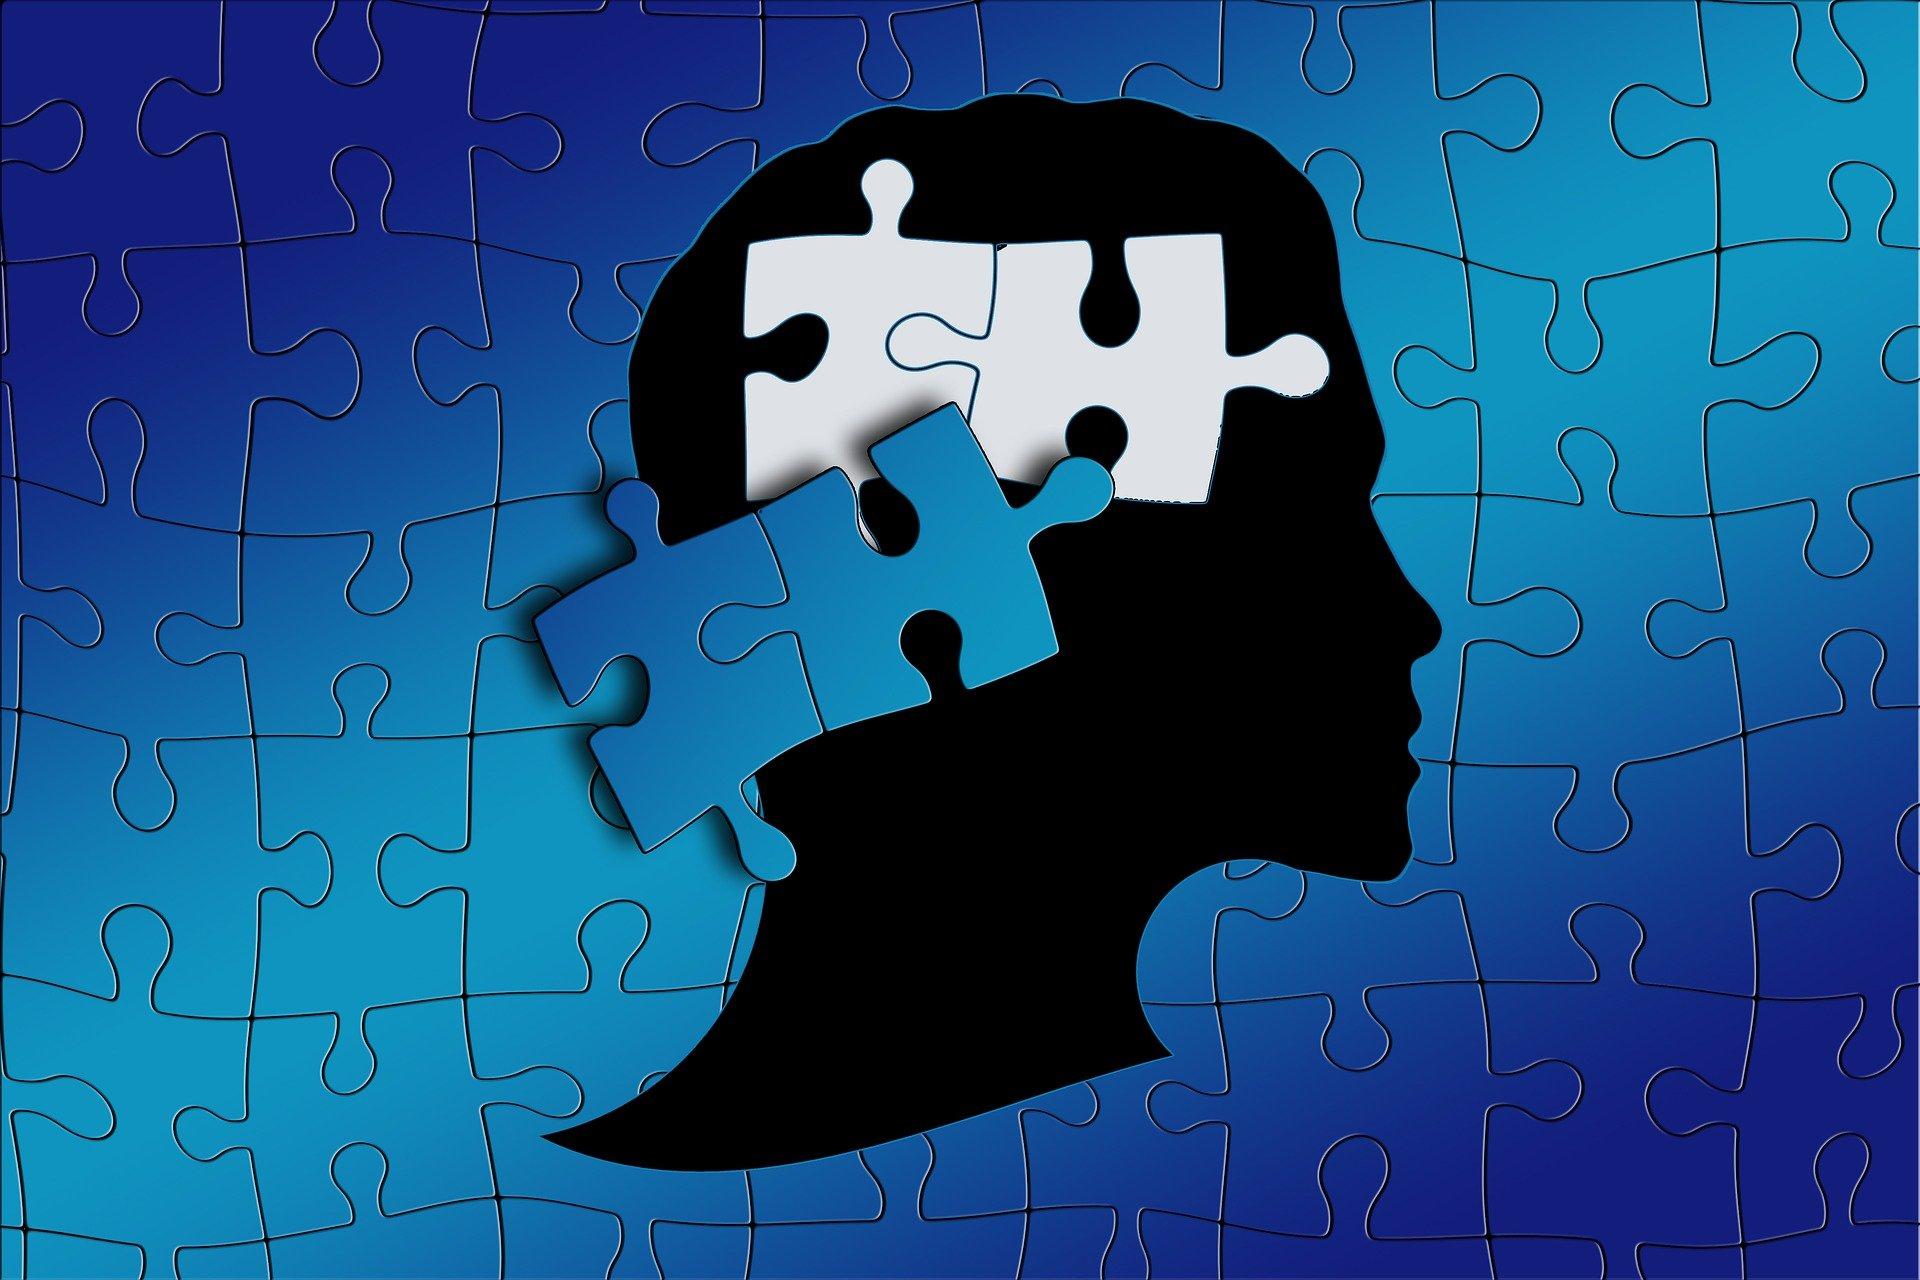 głowa człowieka i puzzle